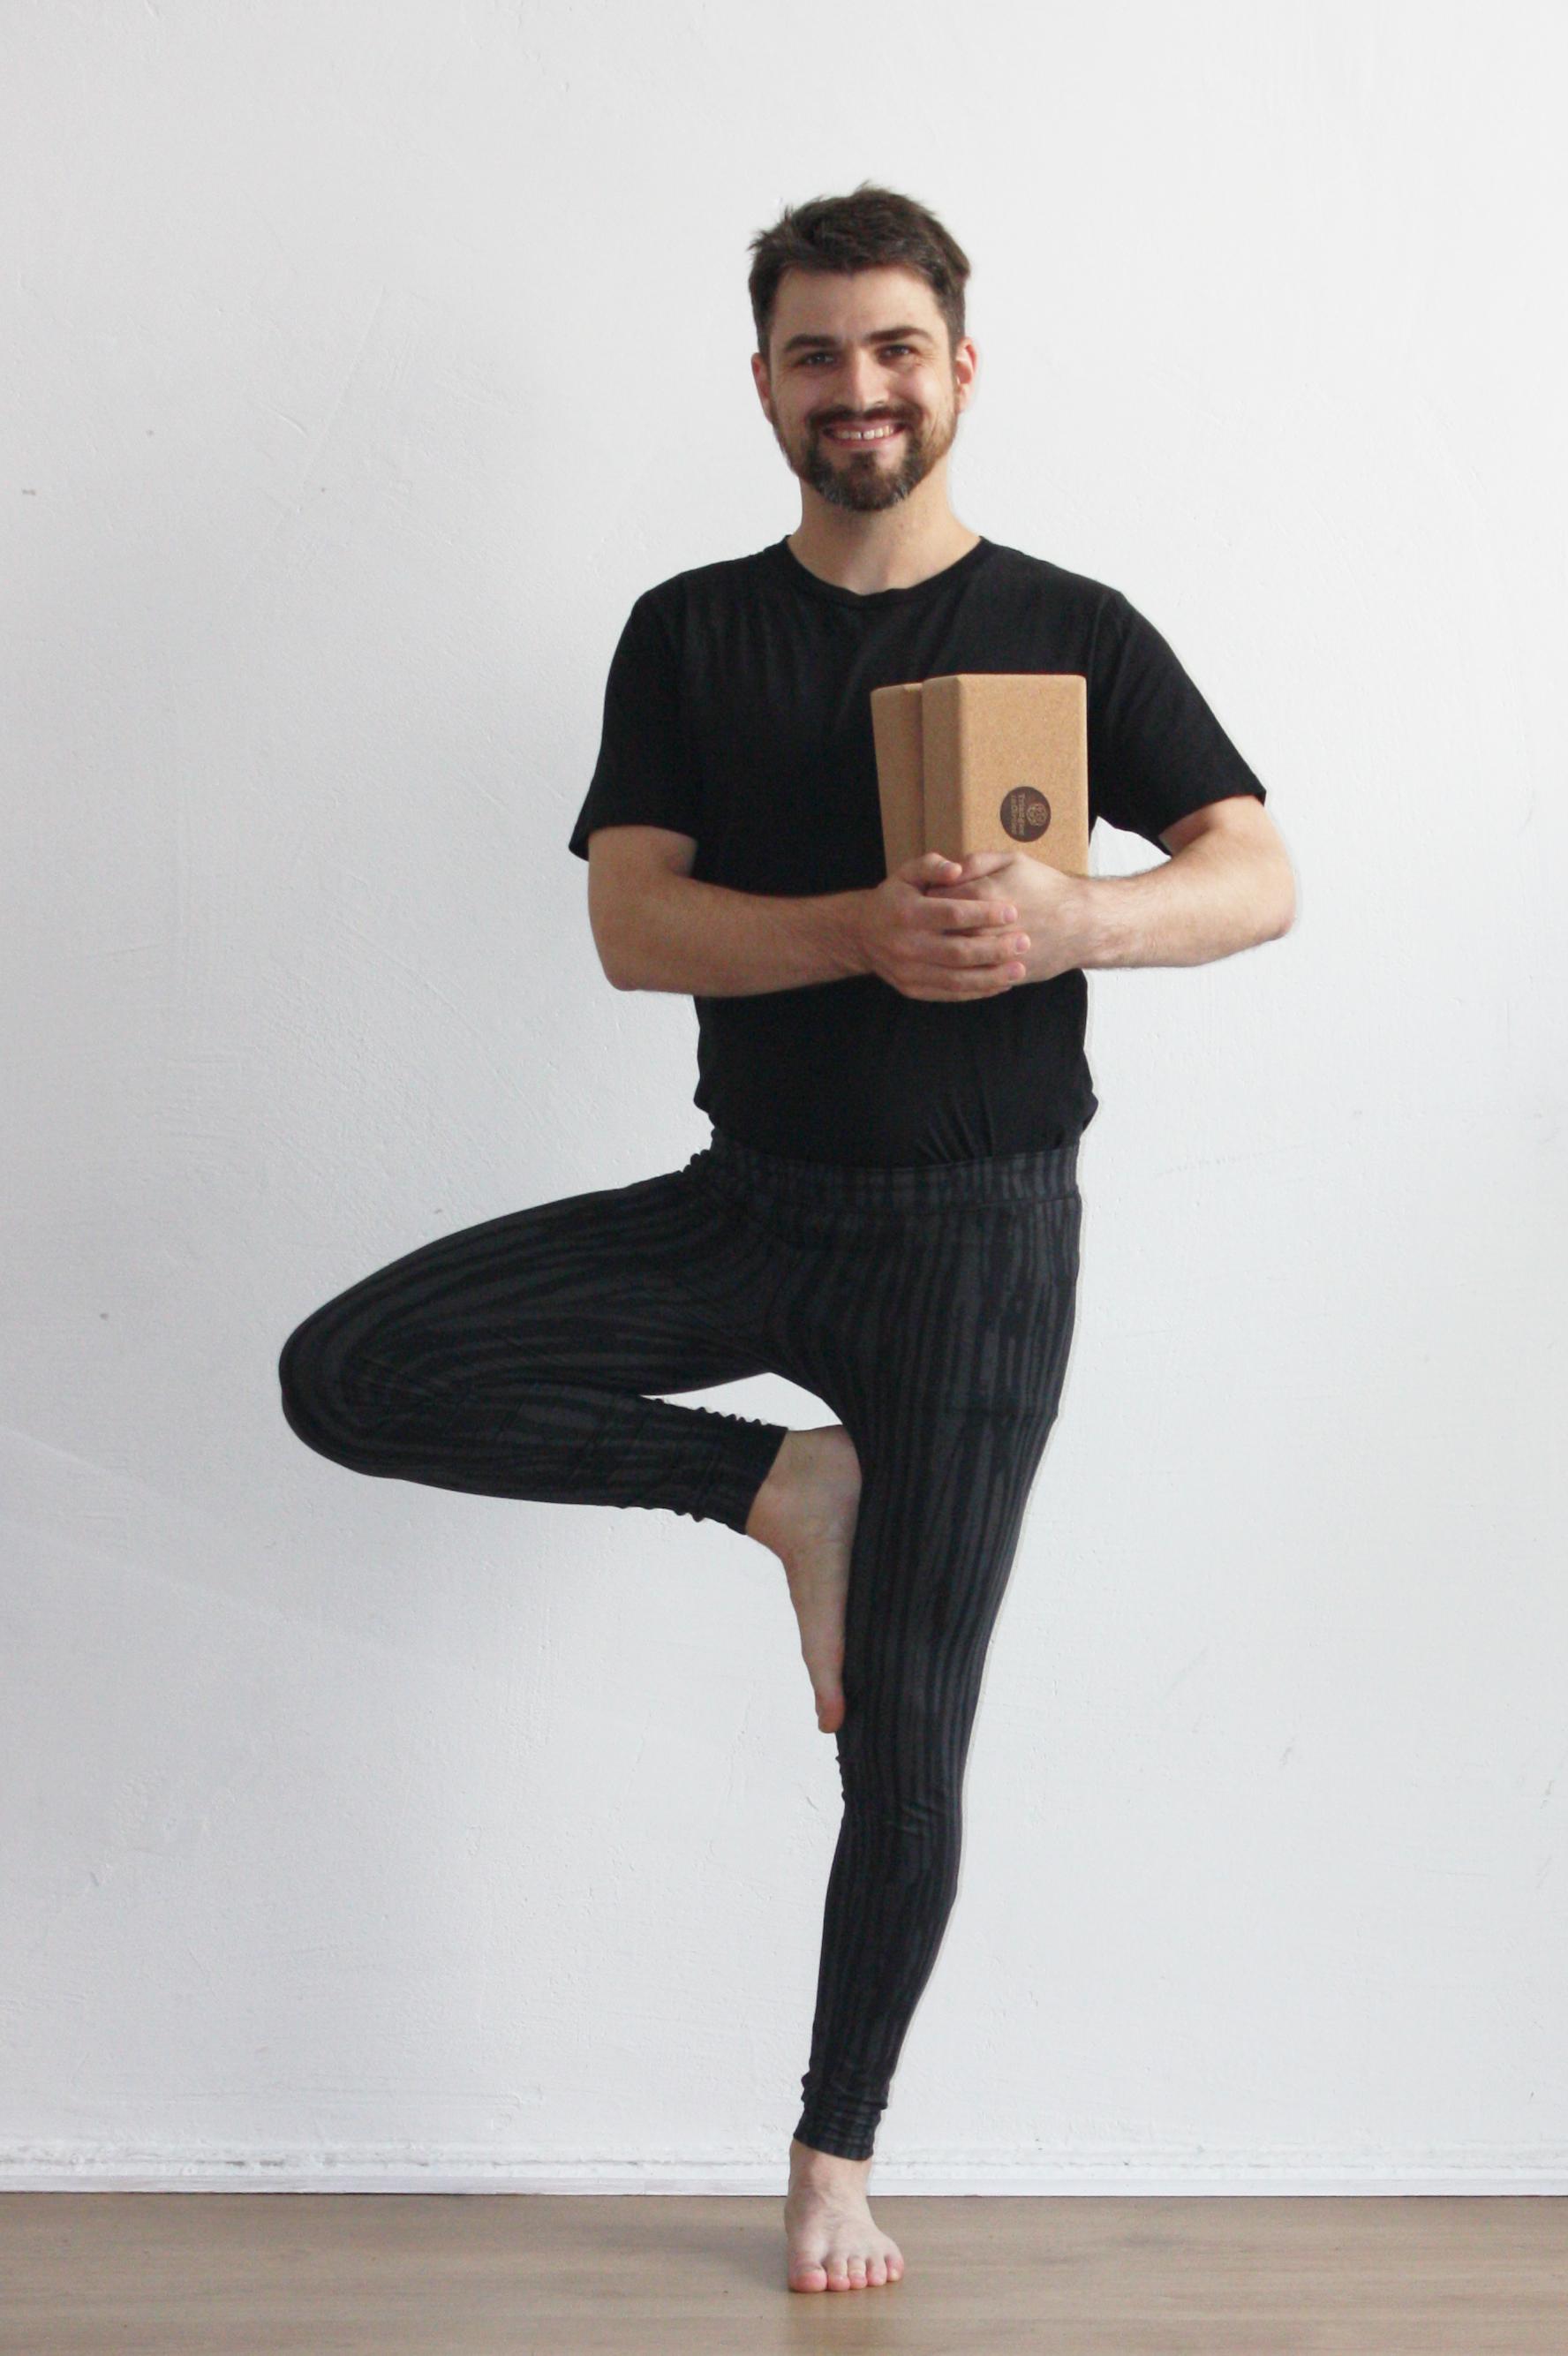 Stefan Nietert mit Cork Yogablöcken in der Hand